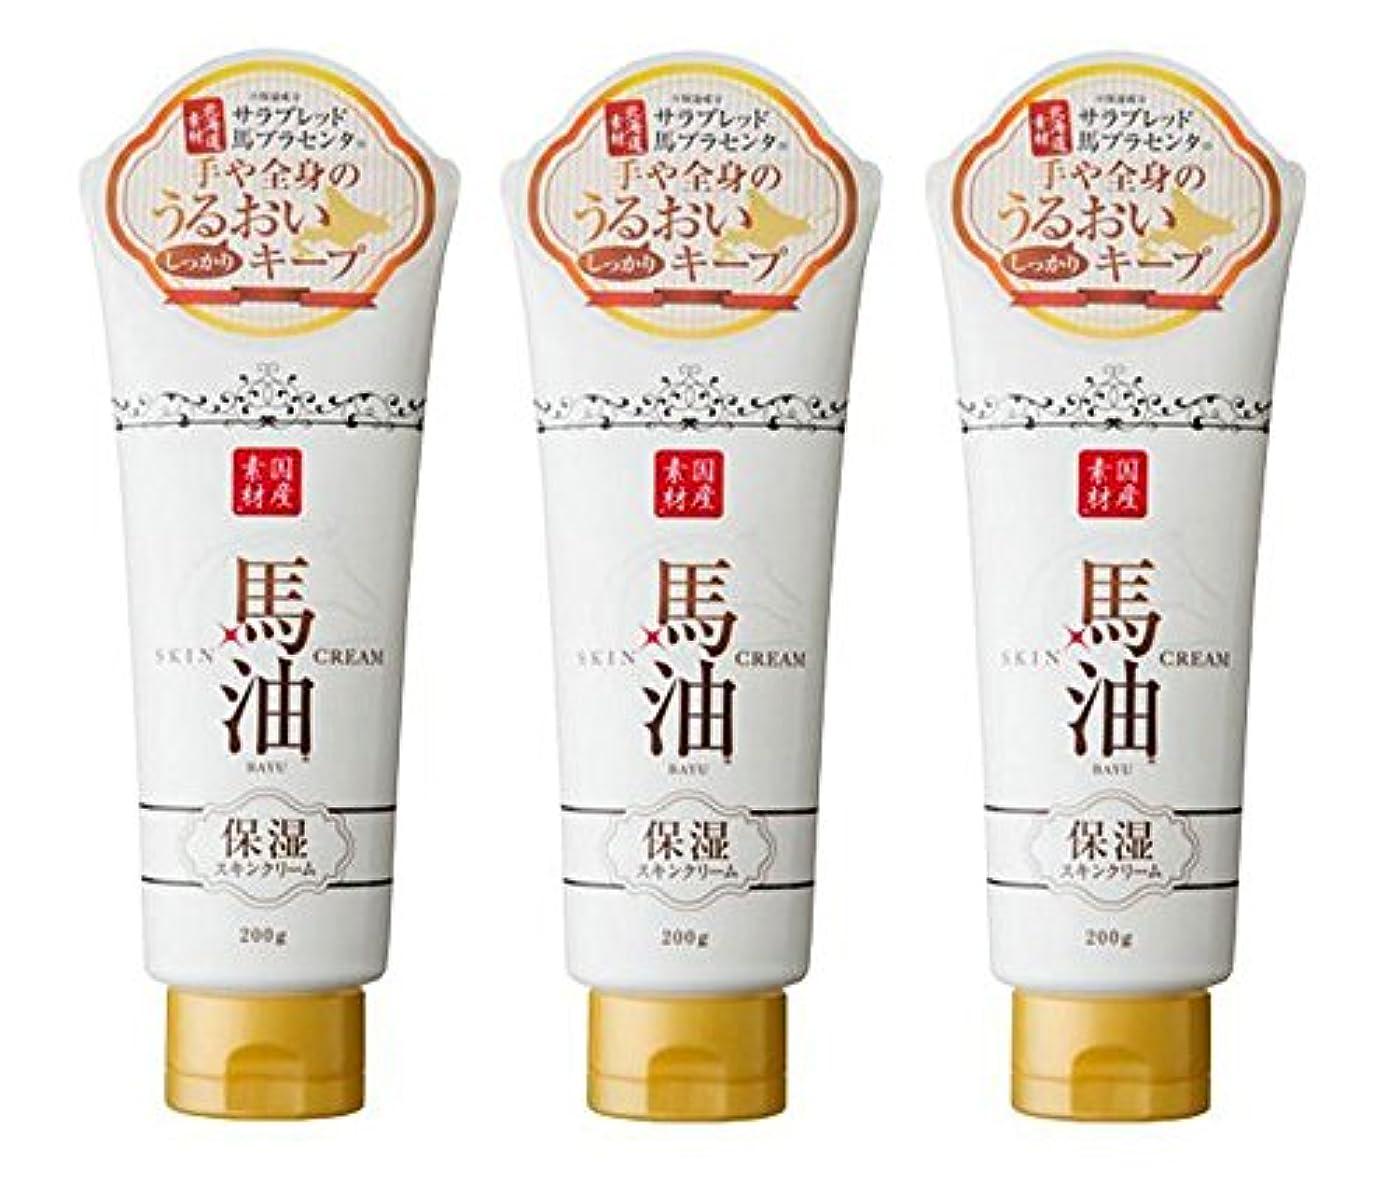 批判的追放する一定【アイスタイル】リシャン 馬油保湿スキンクリーム さくらの香り 200g ×3個セット